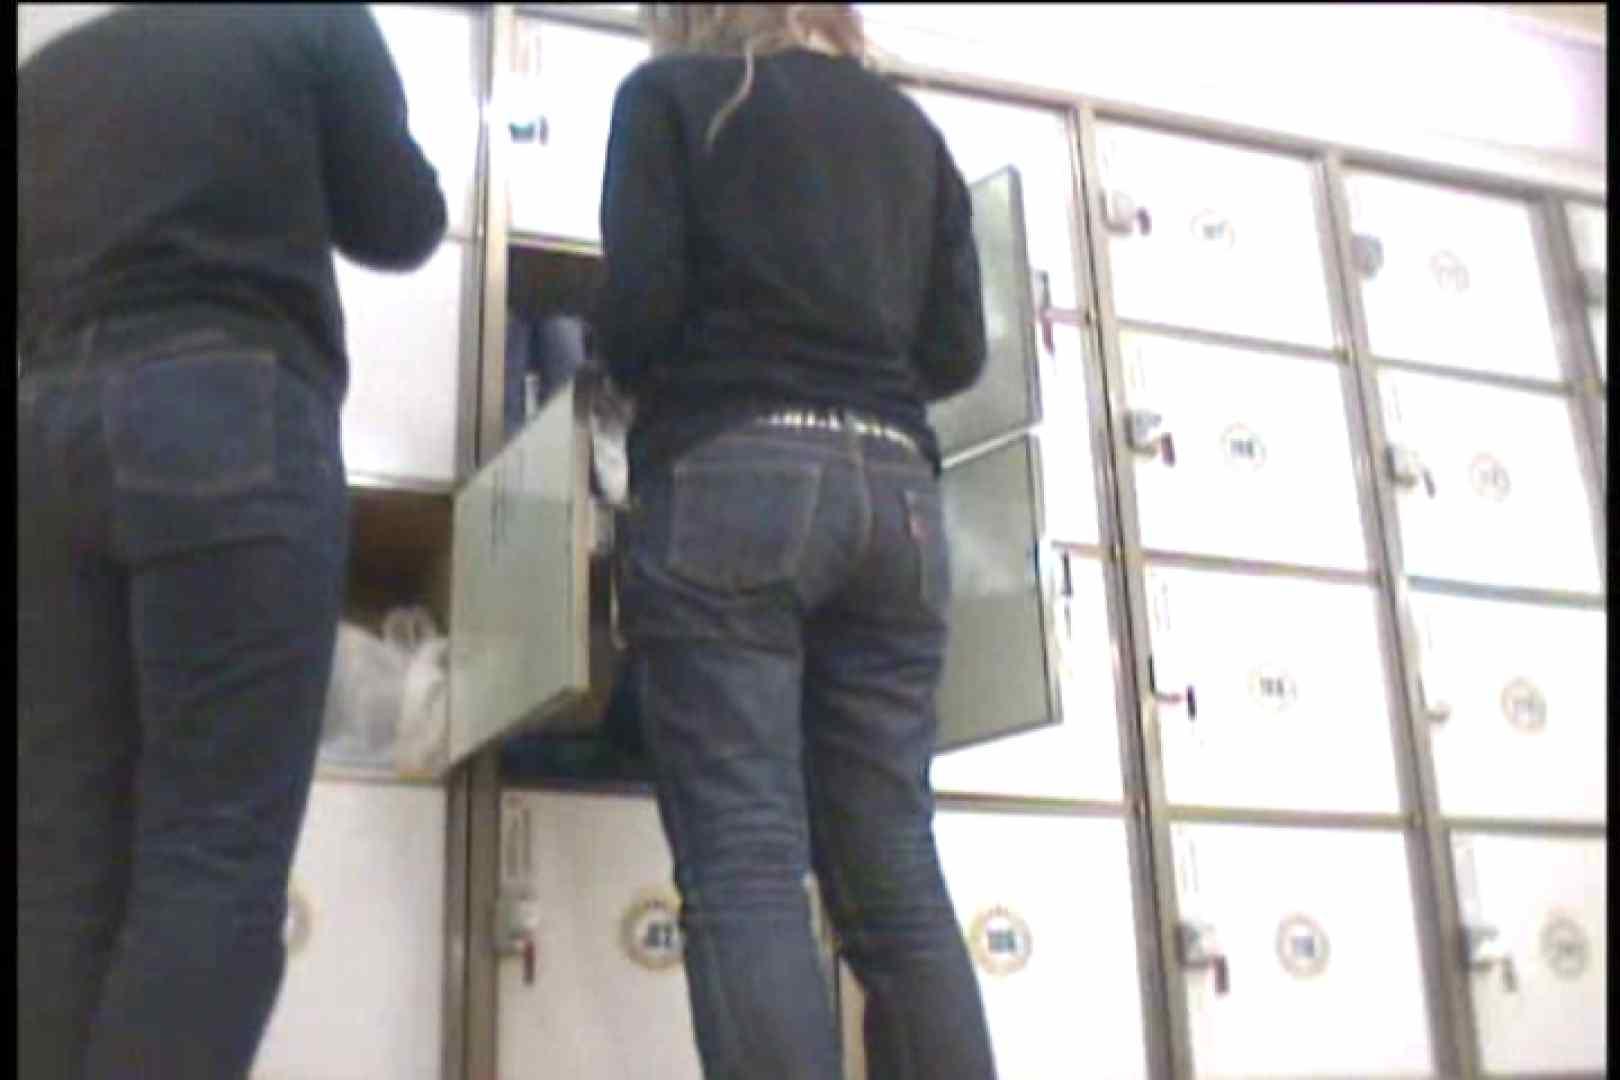 電波カメラ設置浴場からの防HAN映像 Vol.11 OL女体 | 女体盗撮  55連発 52